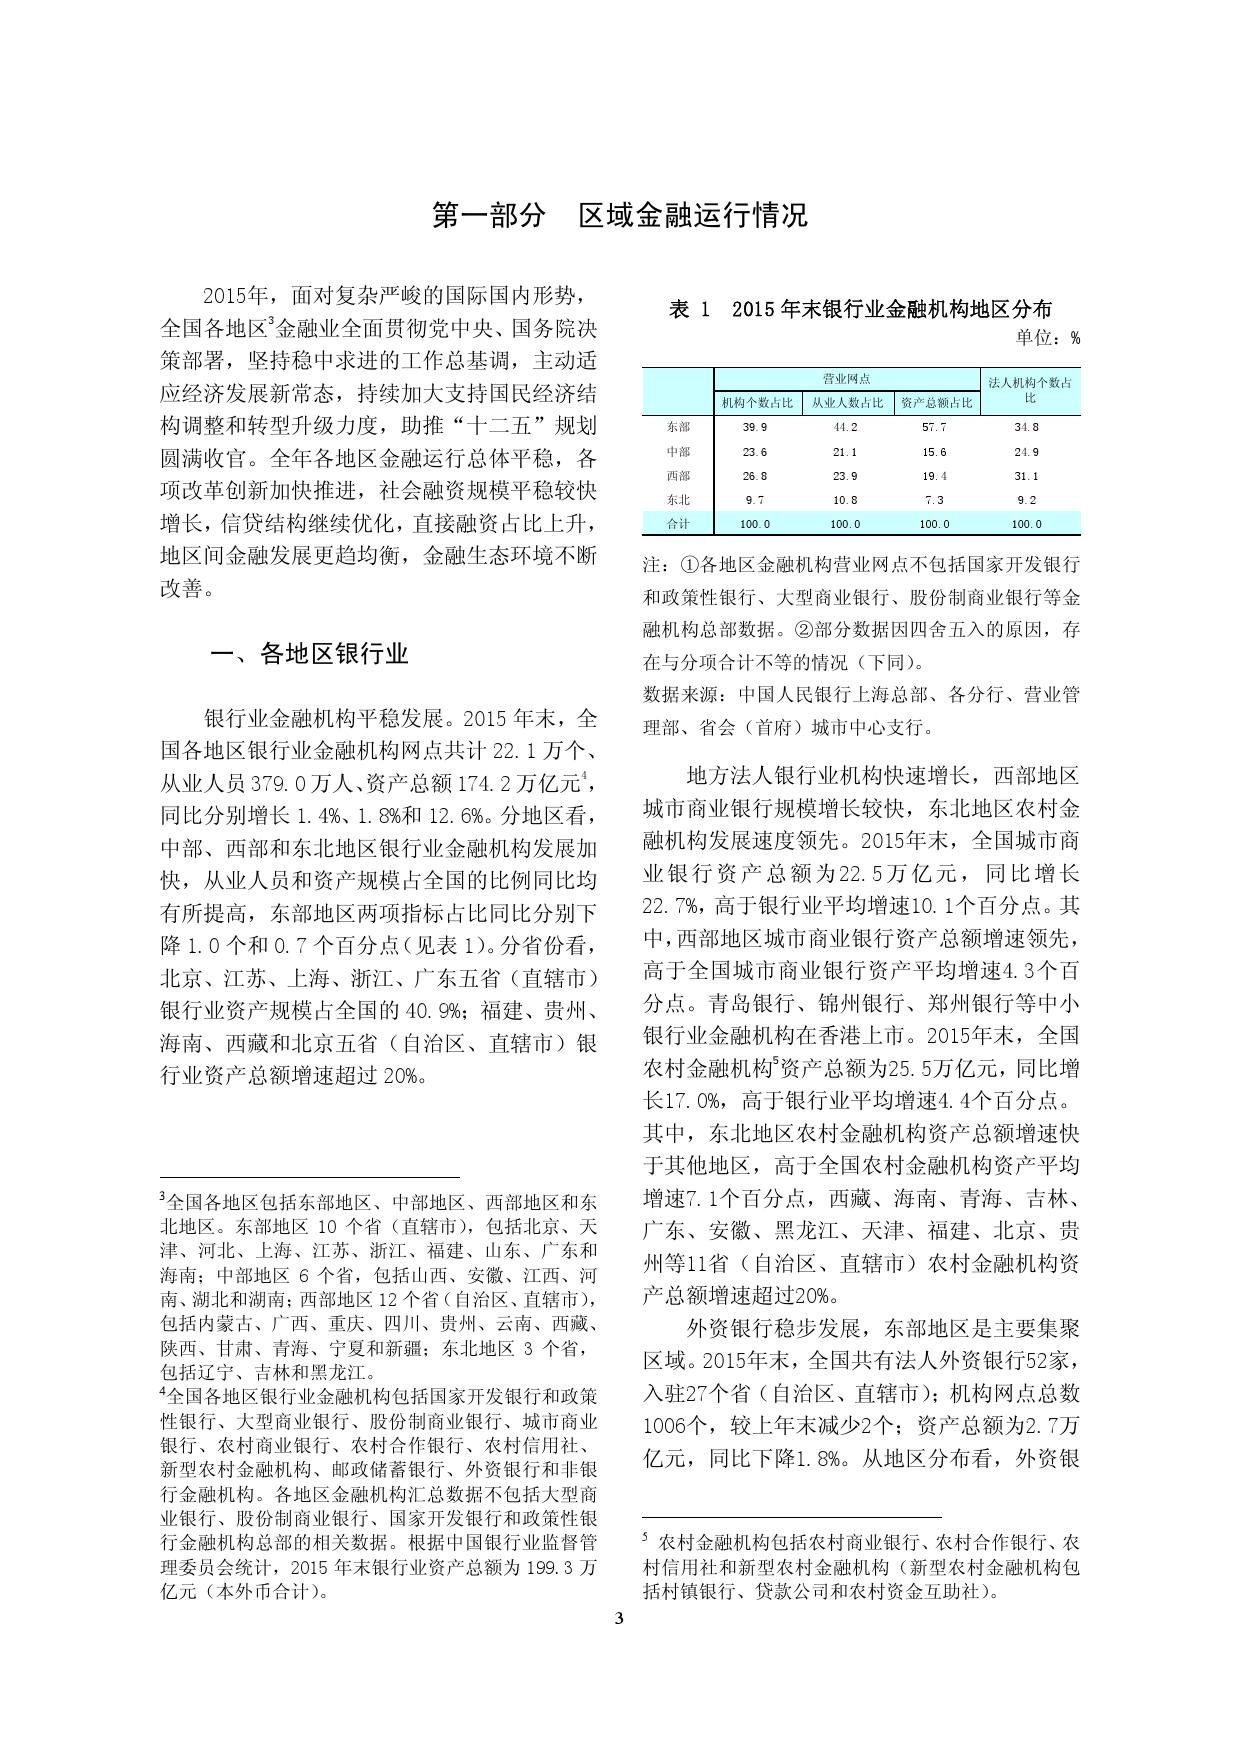 2015年中国区域金融运行报告_000006